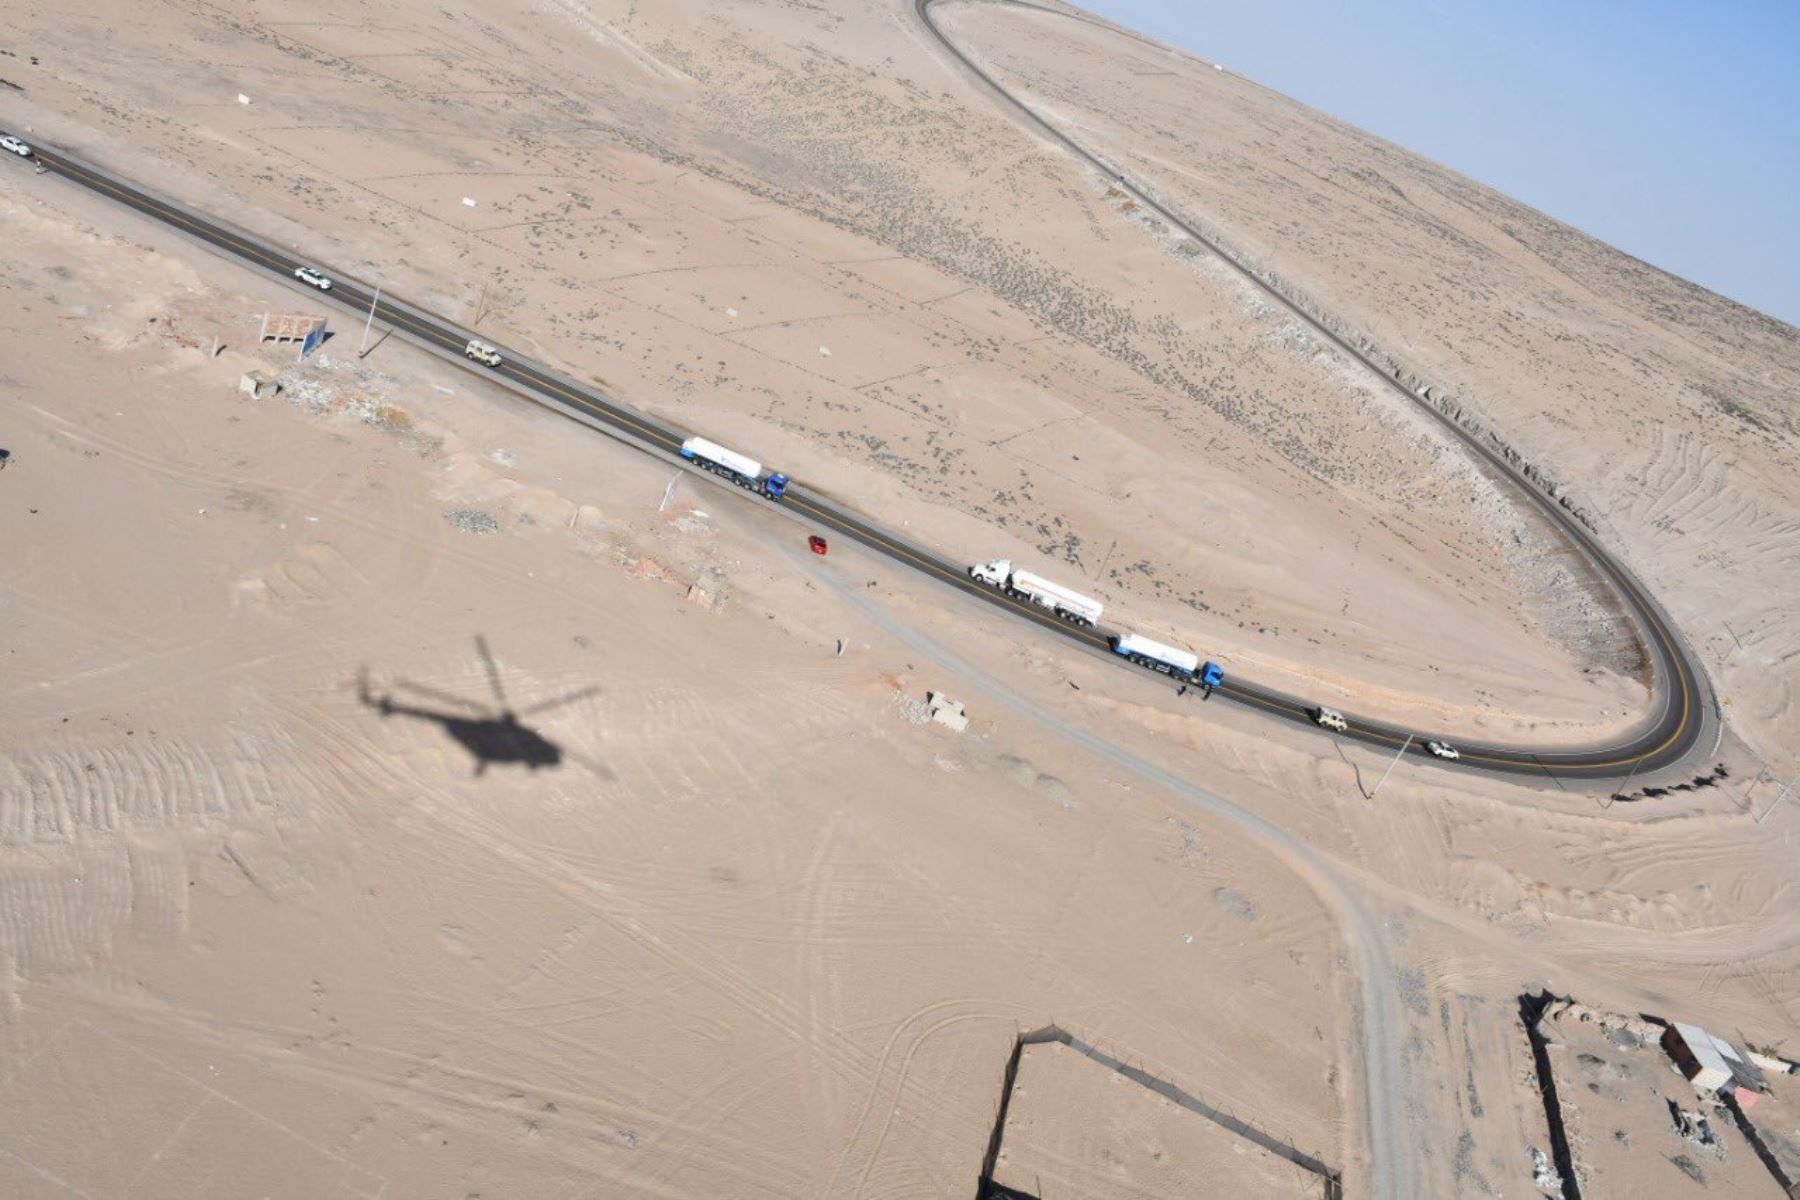 Primera entrega de oxígeno medicinal importado desde Chile está siendo trasladado a hospitales de Cañete y Lima. Vehículos terrestres y un helicóptero del  Ejercito Peruano, resguardan el convoy en la ruta. Foto: ANDINA/Mindef